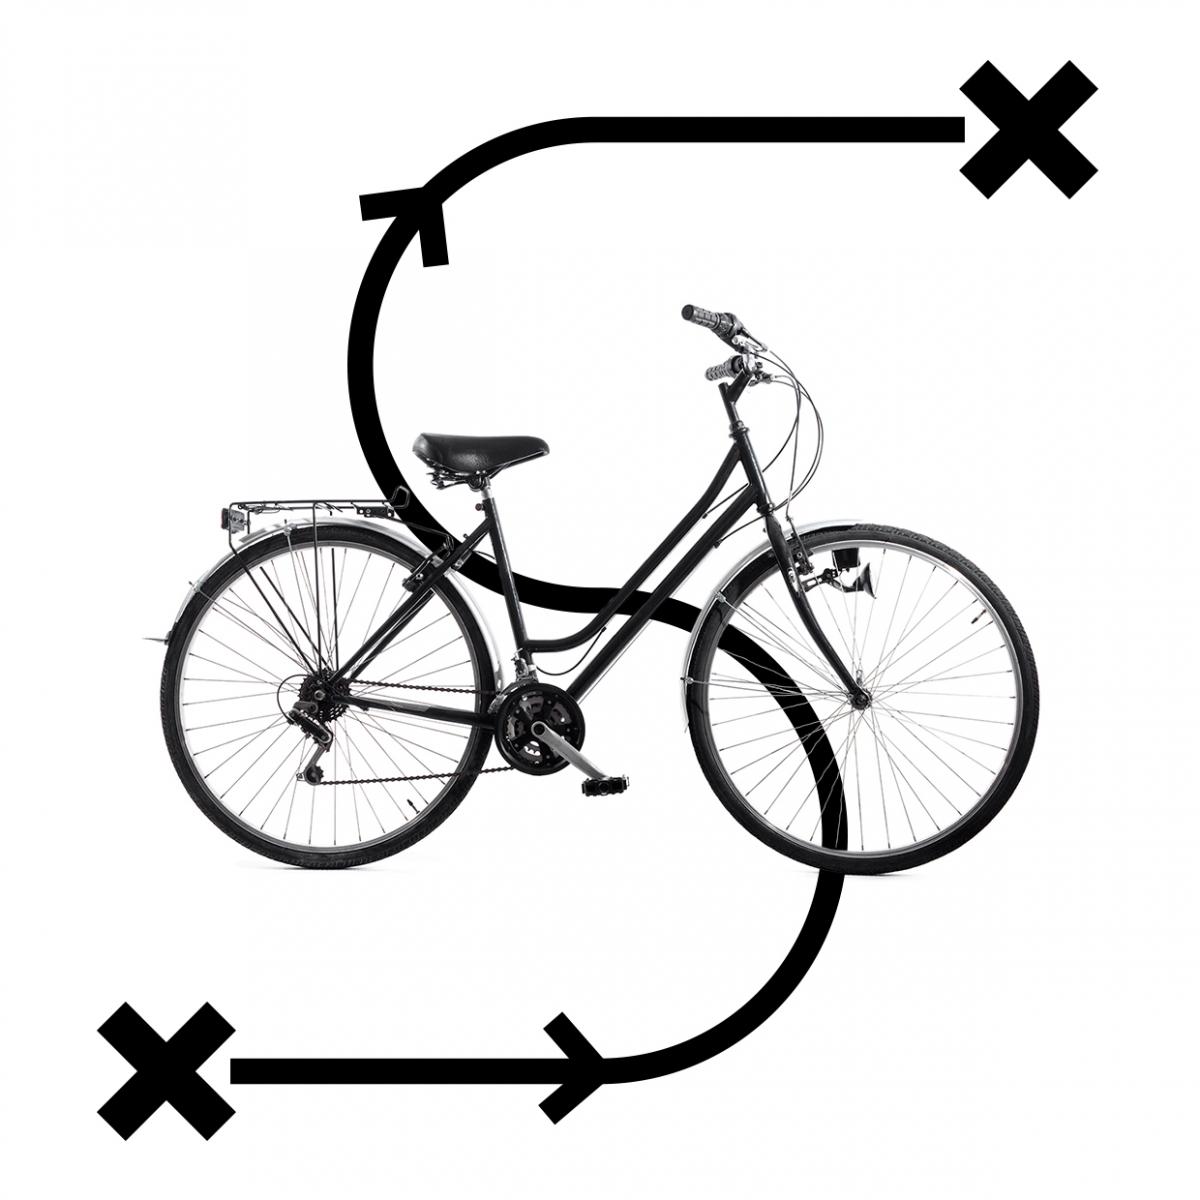 Imagen en la que se ve el concepto viajar en bicicleta